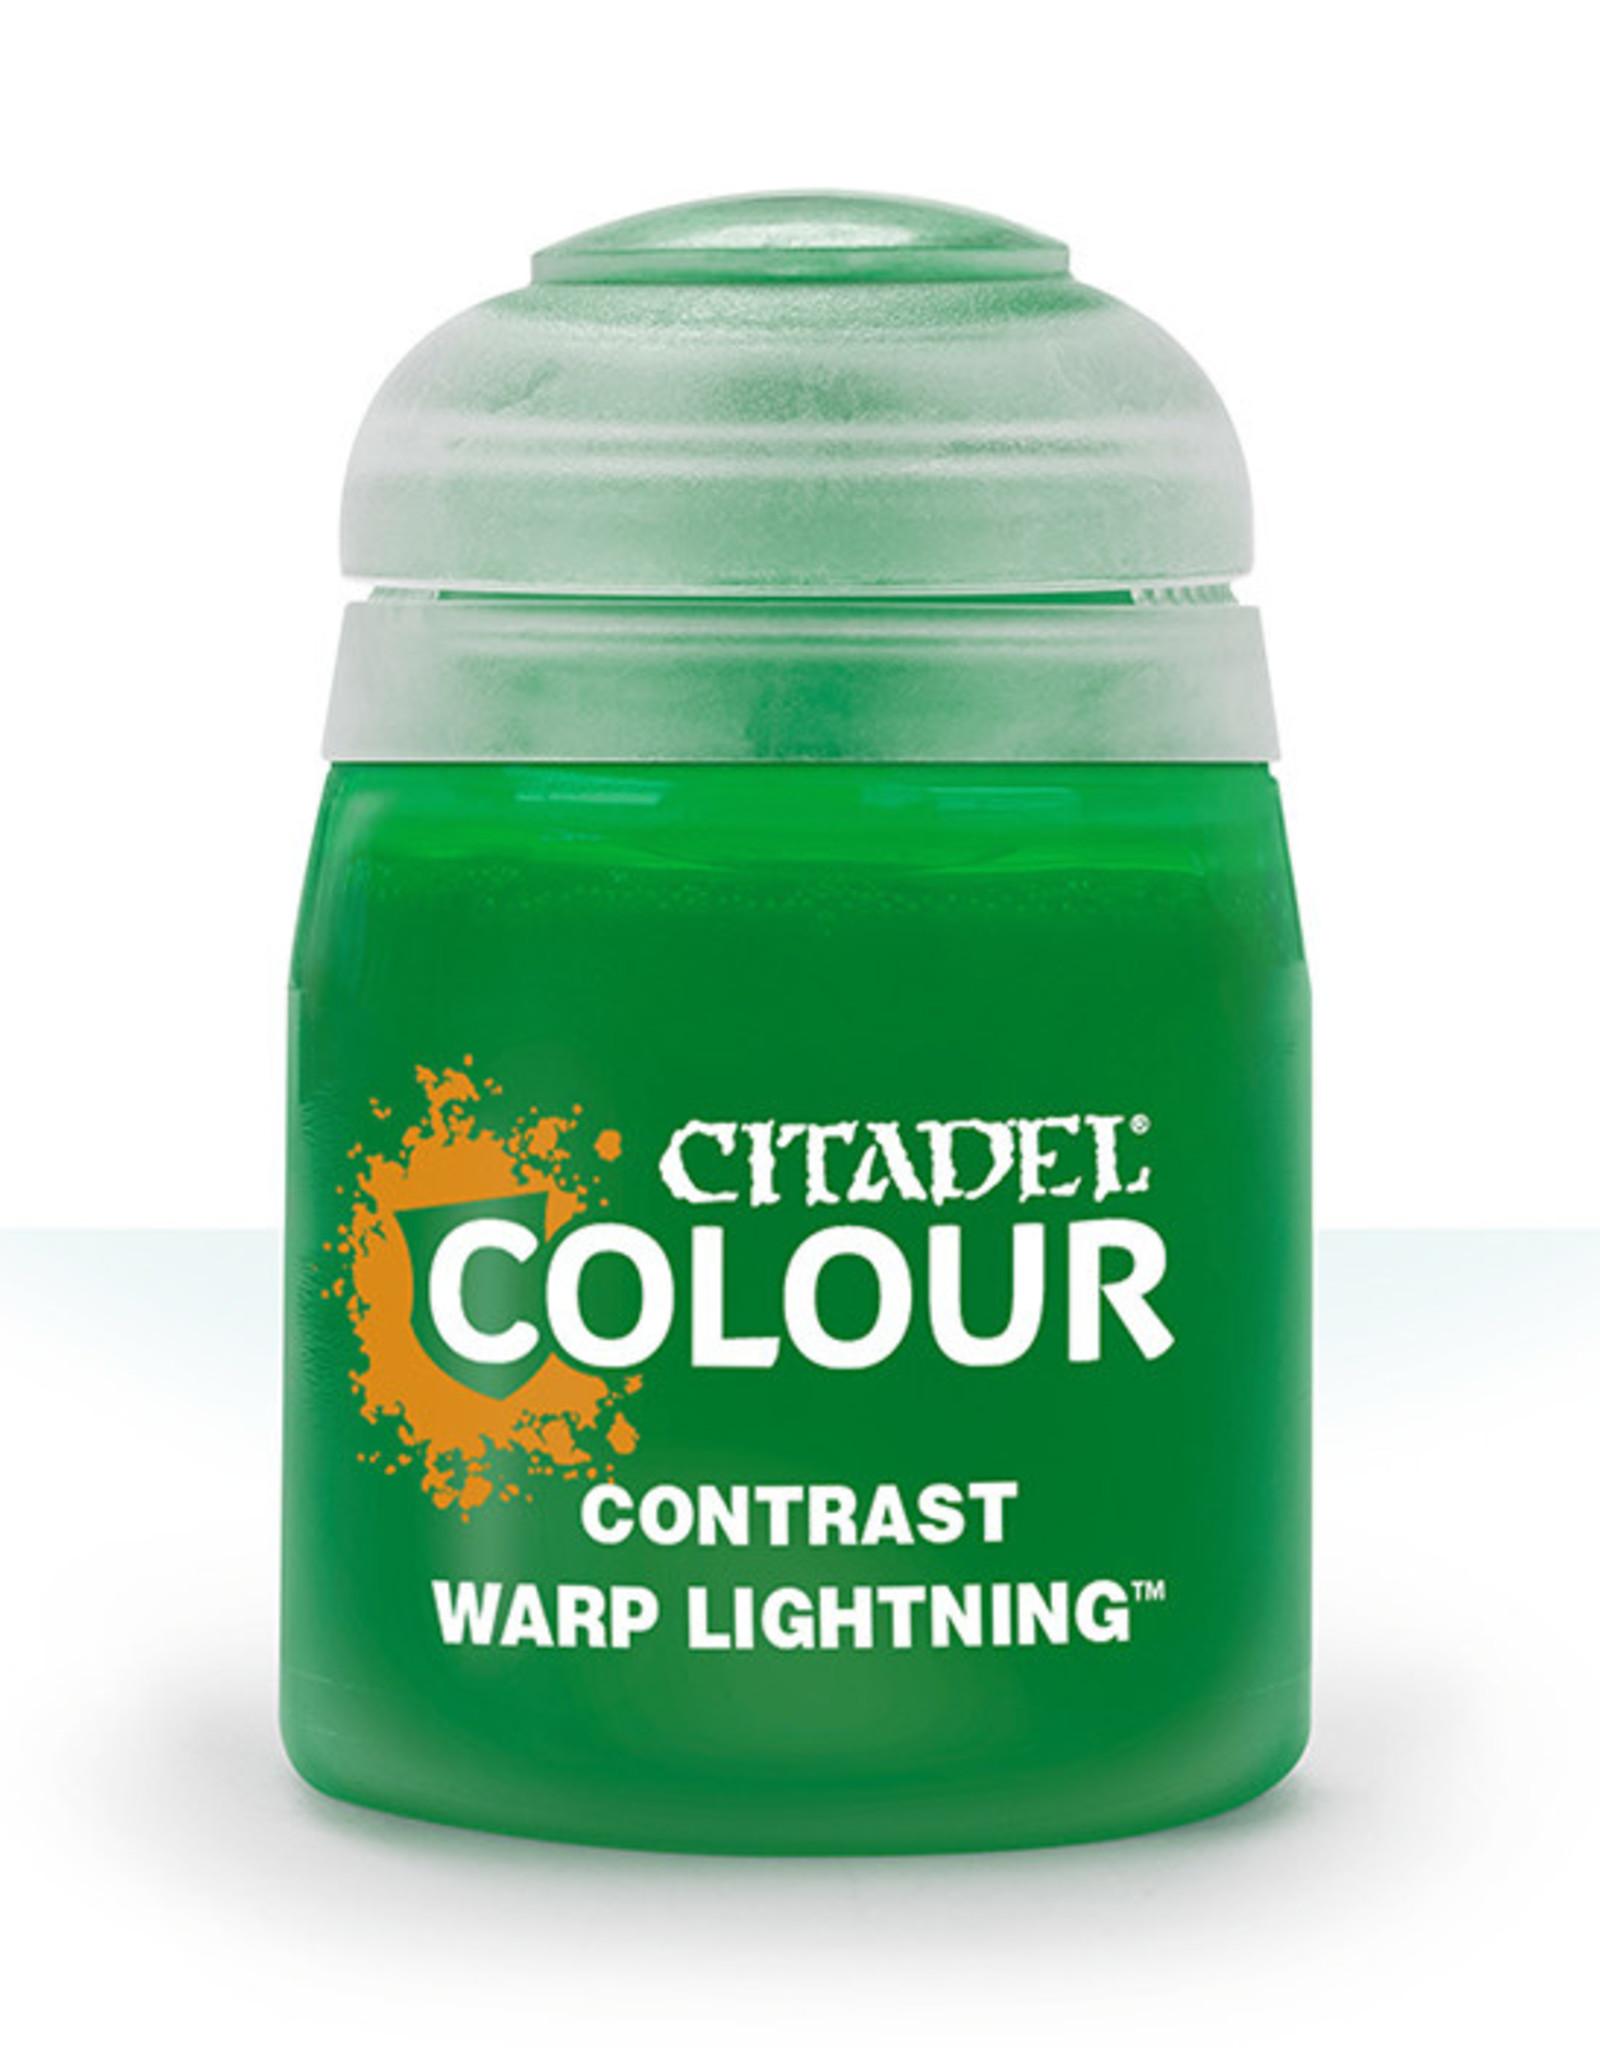 Citadel Citadel Colour: Contrast - Warp Lightning